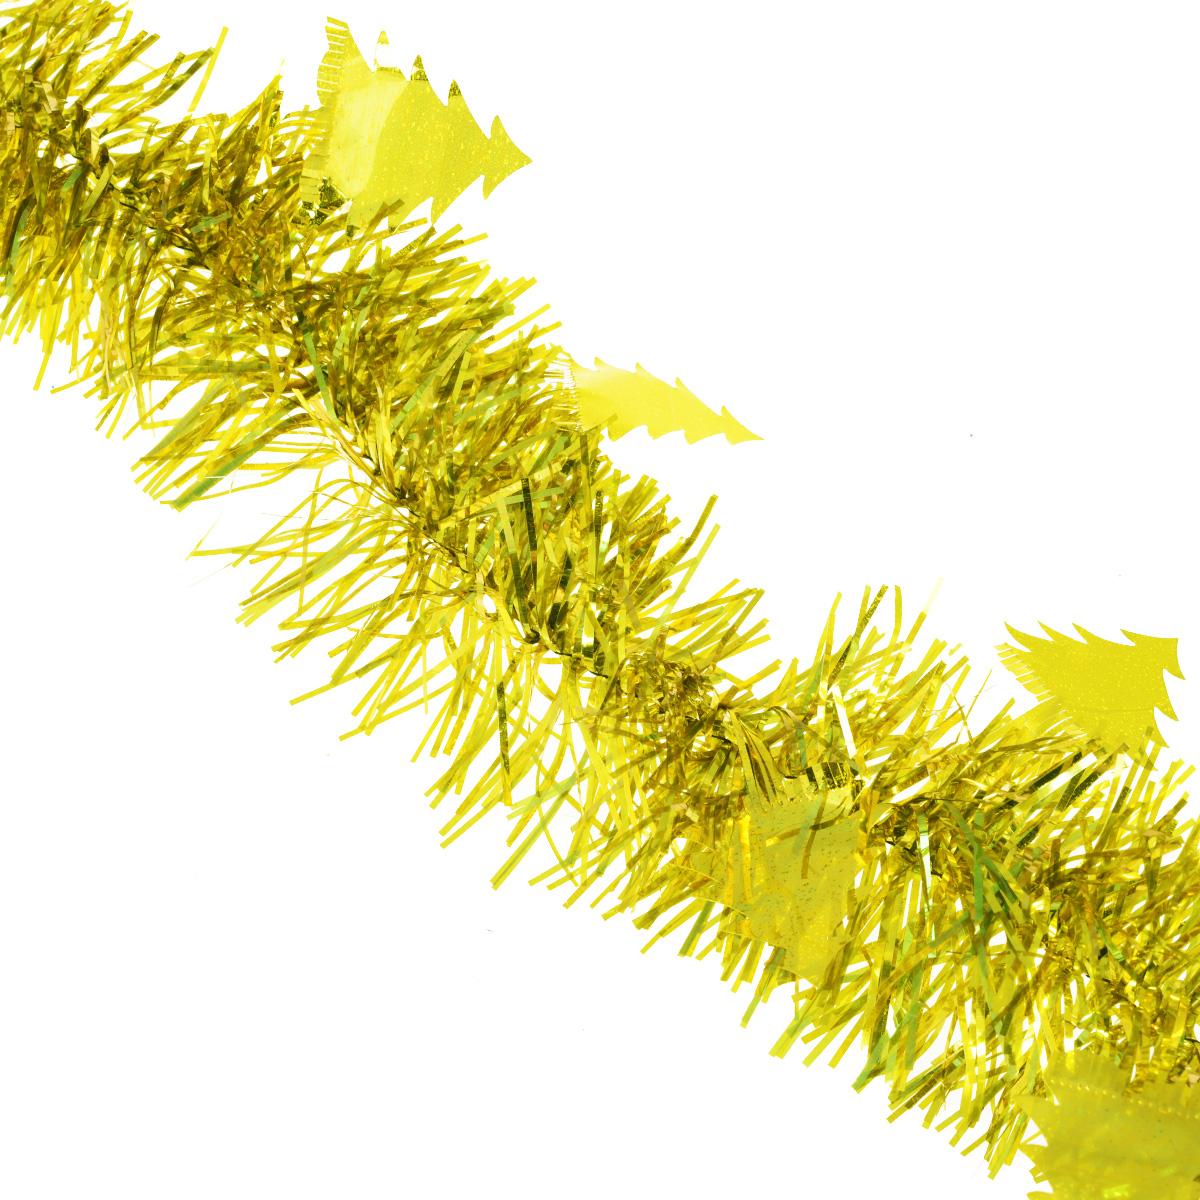 Мишура новогодняя Sima-land, цвет: золотистый, диаметр 8 см, длина 2 м. 702595702595Мишура новогодняя Sima-land, выполненная из фольги, поможет вам украсить свой дом к предстоящим праздникам. Мишура декорирована елочками и армирована, то есть имеет проволоку внутри и способна сохранять приданную ей форму. Новогодняя елка с таким украшением станет еще наряднее. Новогодней мишурой можно украсить все, что угодно - елку, квартиру, дачу, офис - как внутри, так и снаружи. Можно сложить новогодние поздравления, буквы и цифры, мишурой можно украсить и дополнить гирлянды, можно выделить дверные колонны, оплести дверные проемы. Коллекция декоративных украшений из серии Зимнее волшебство принесет в ваш дом ни с чем несравнимое ощущение праздника! Создайте в своем доме атмосферу тепла, веселья и радости, украшая его всей семьей.